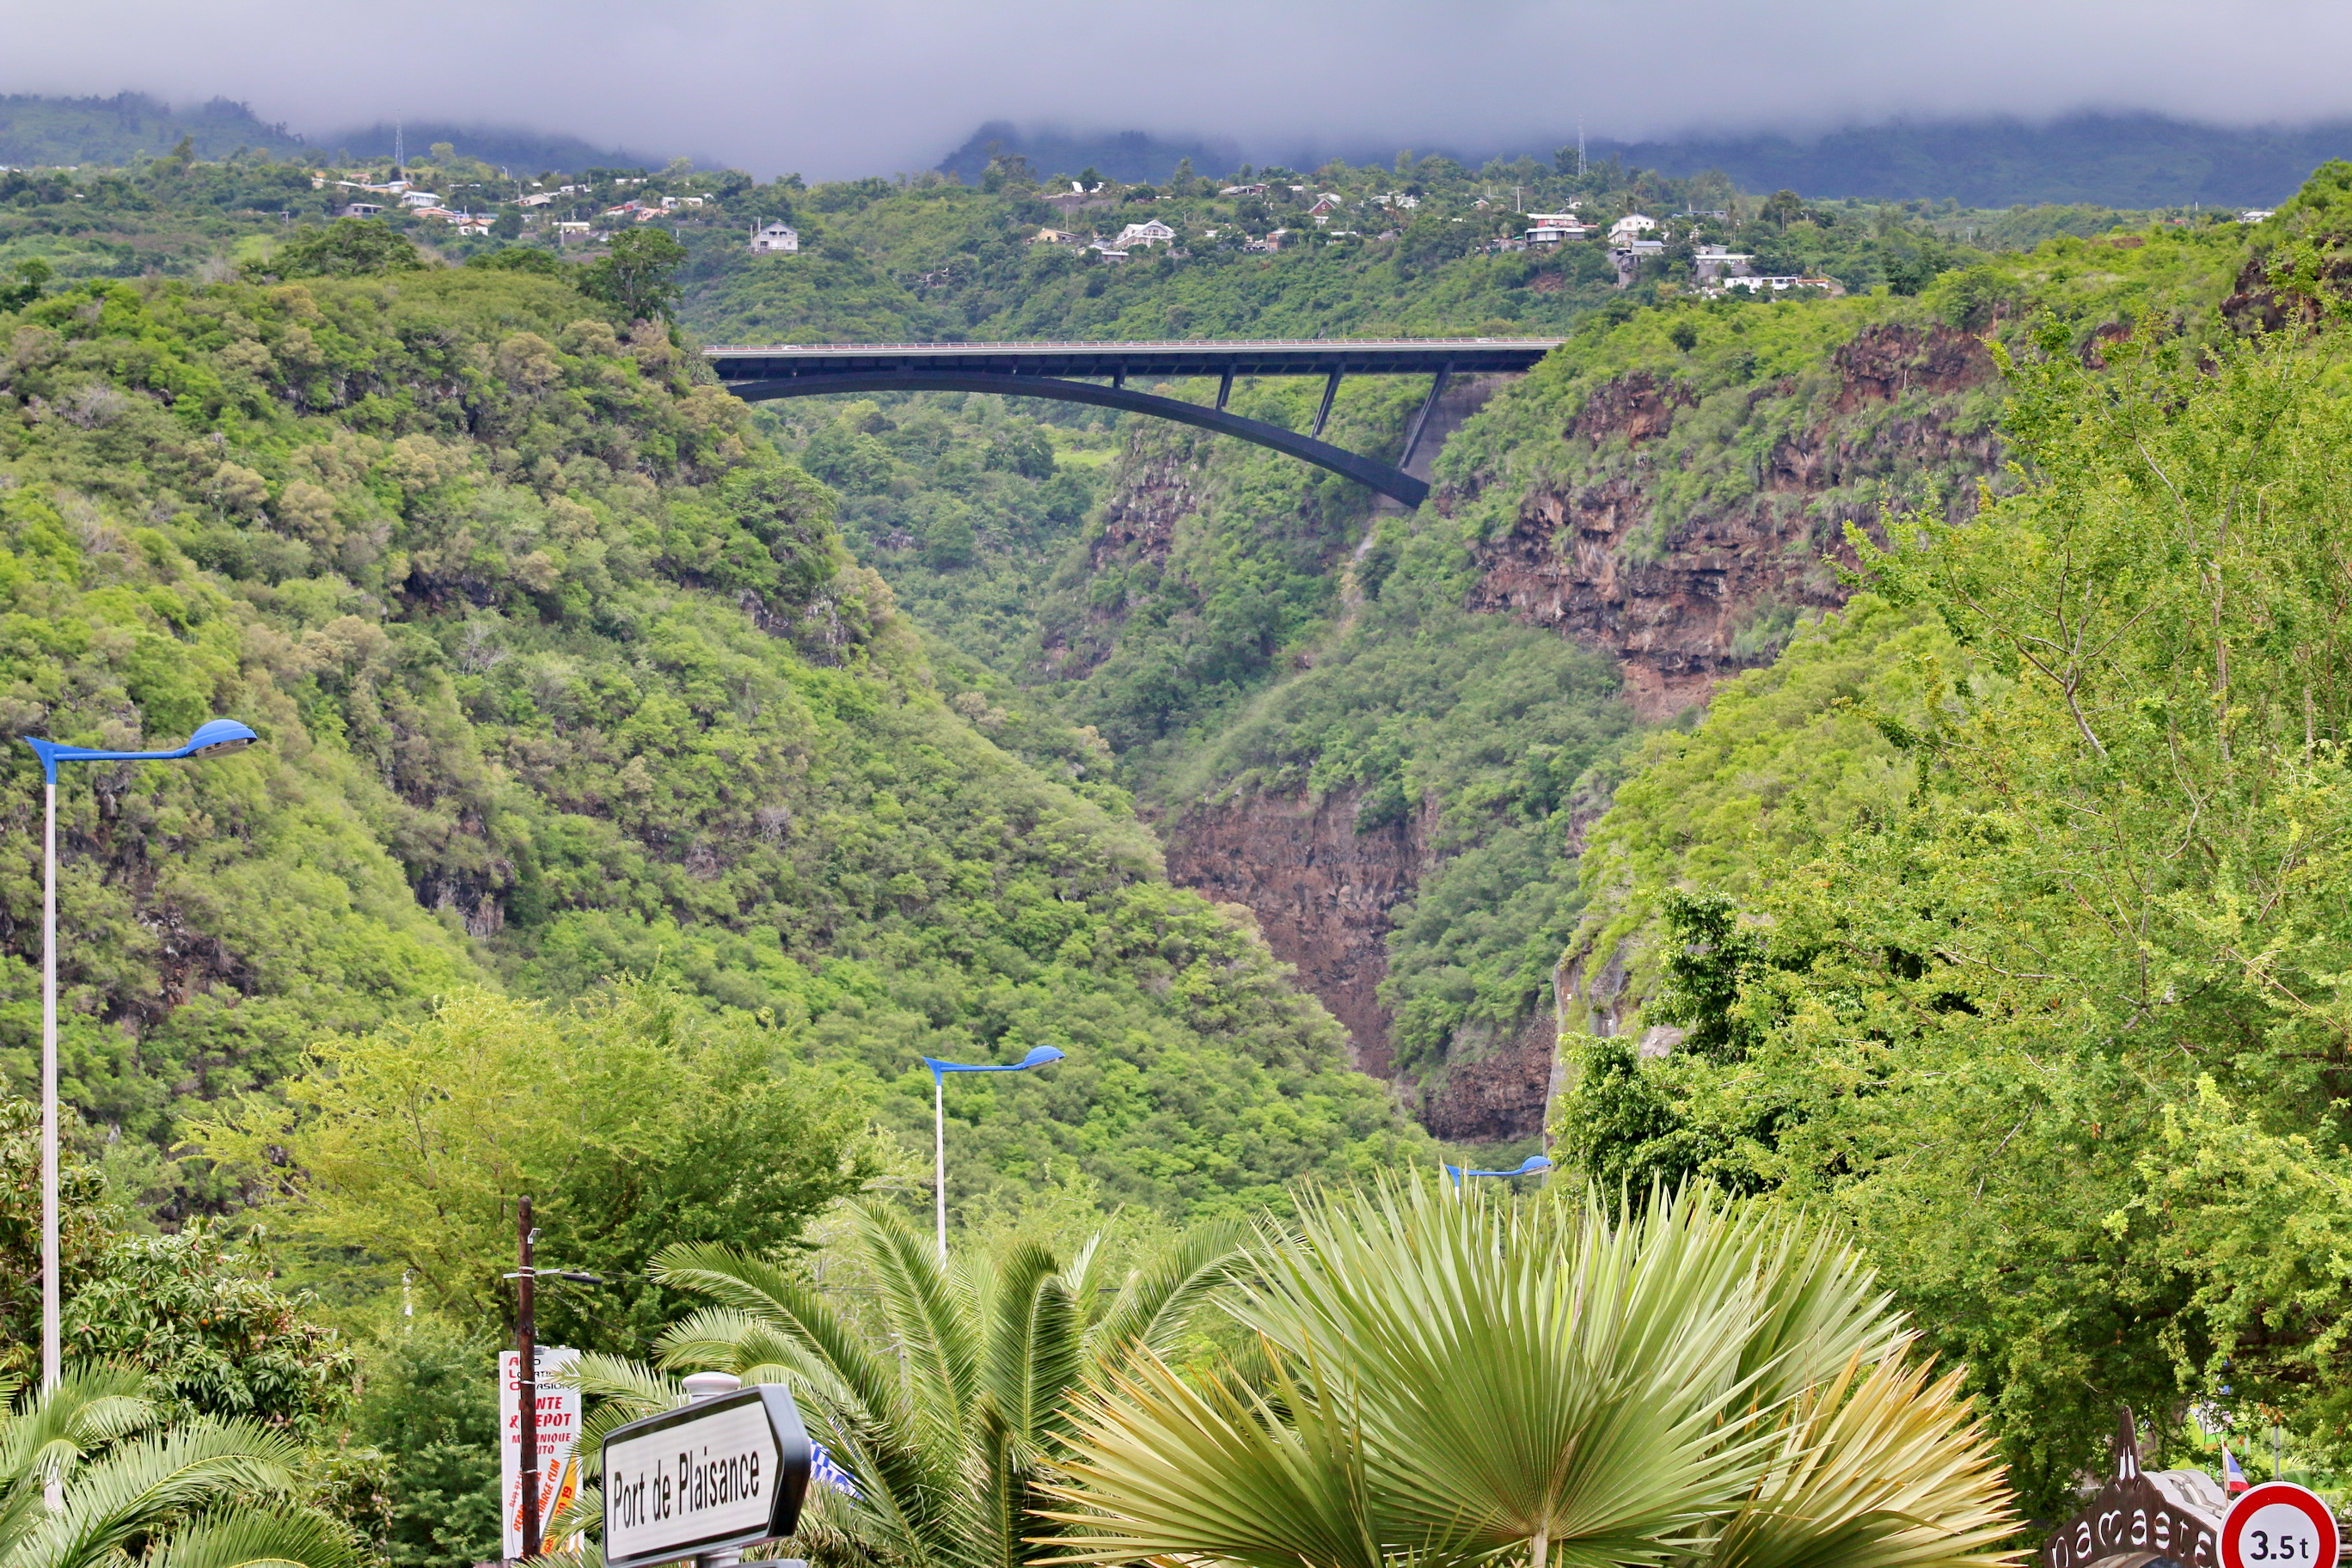 [Vie des ports] Les ports de la Réunion - Page 4 852219stpierrestleu70d155